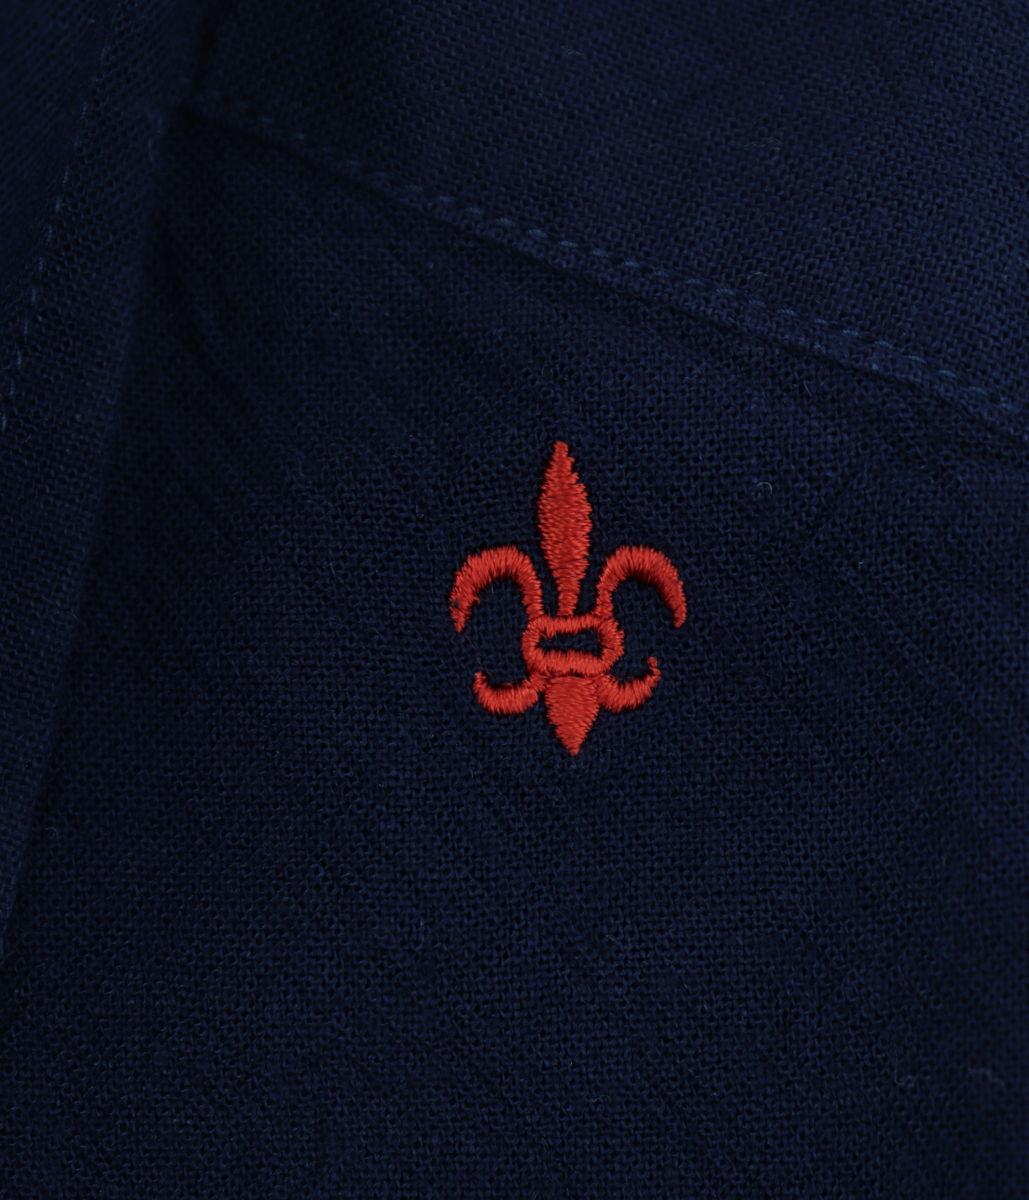 リネン混 レーヨンシャンブレー ボタンダウンシャツ NAVY (ネイビー)